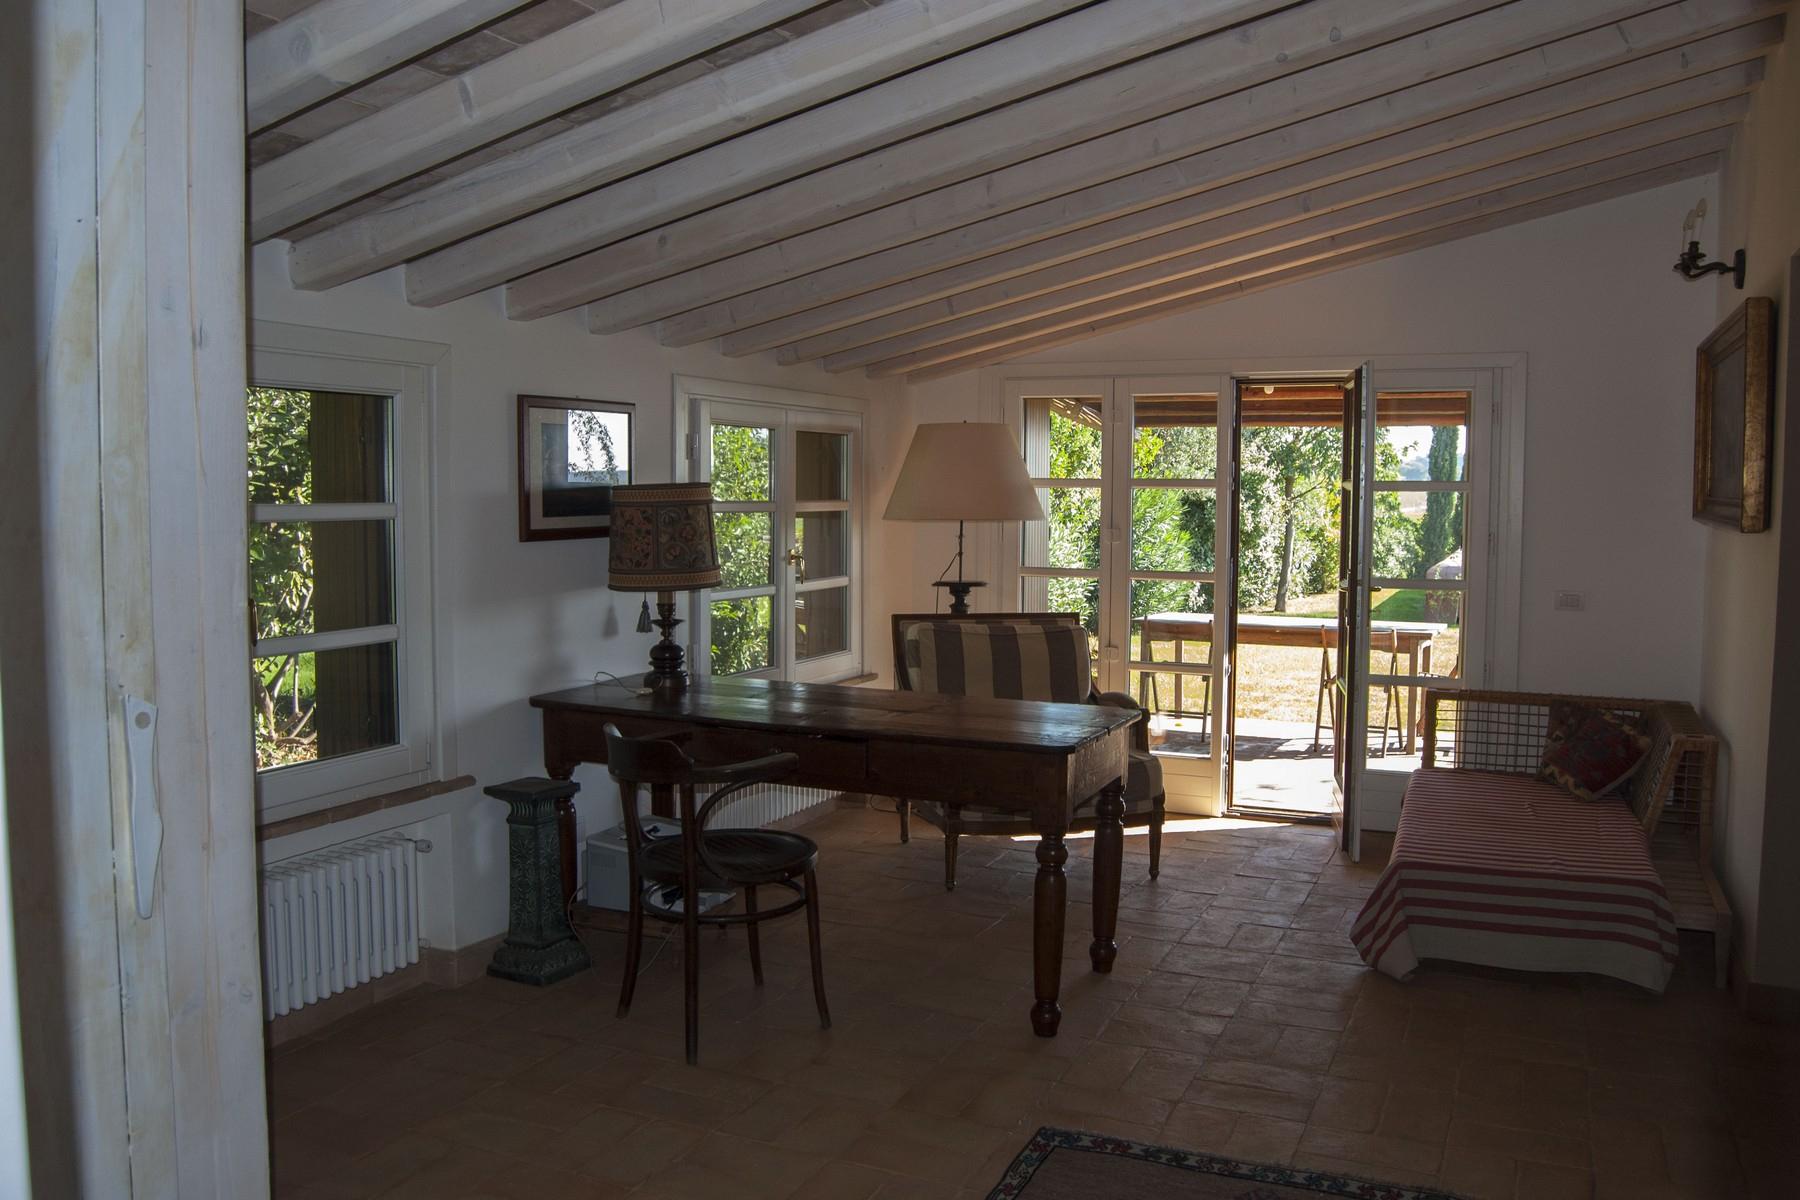 Villa in Vendita a Magliano In Toscana: 4 locali, 180 mq - Foto 18